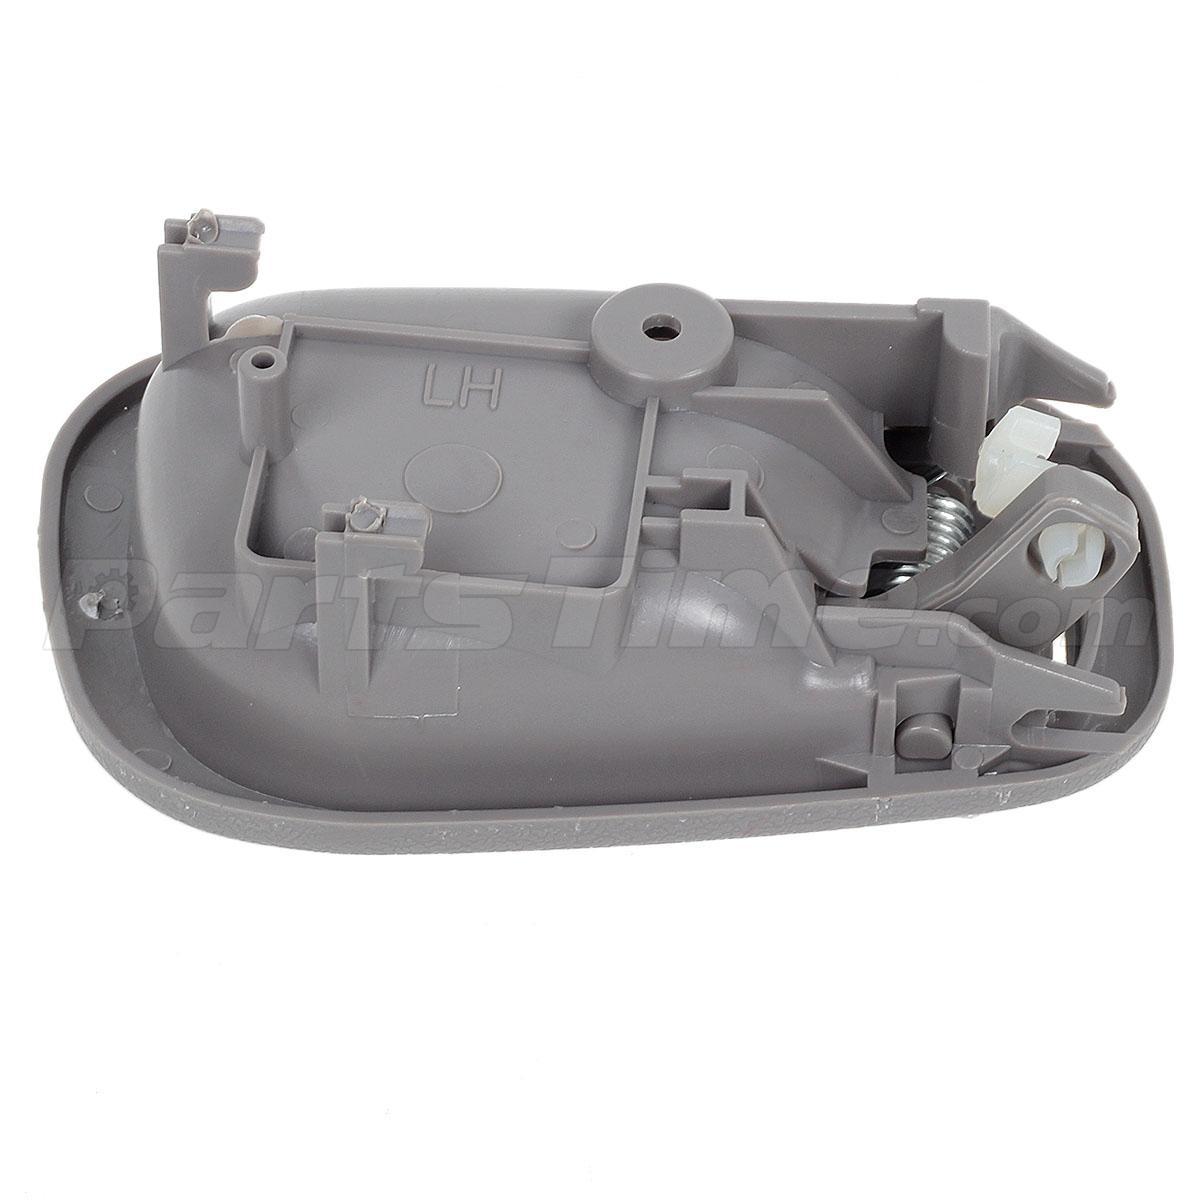 2002 Chevrolet Prizm Interior: For 1998-2002 CHEVROLET PRIZM Inner Gray Front/Rear Left